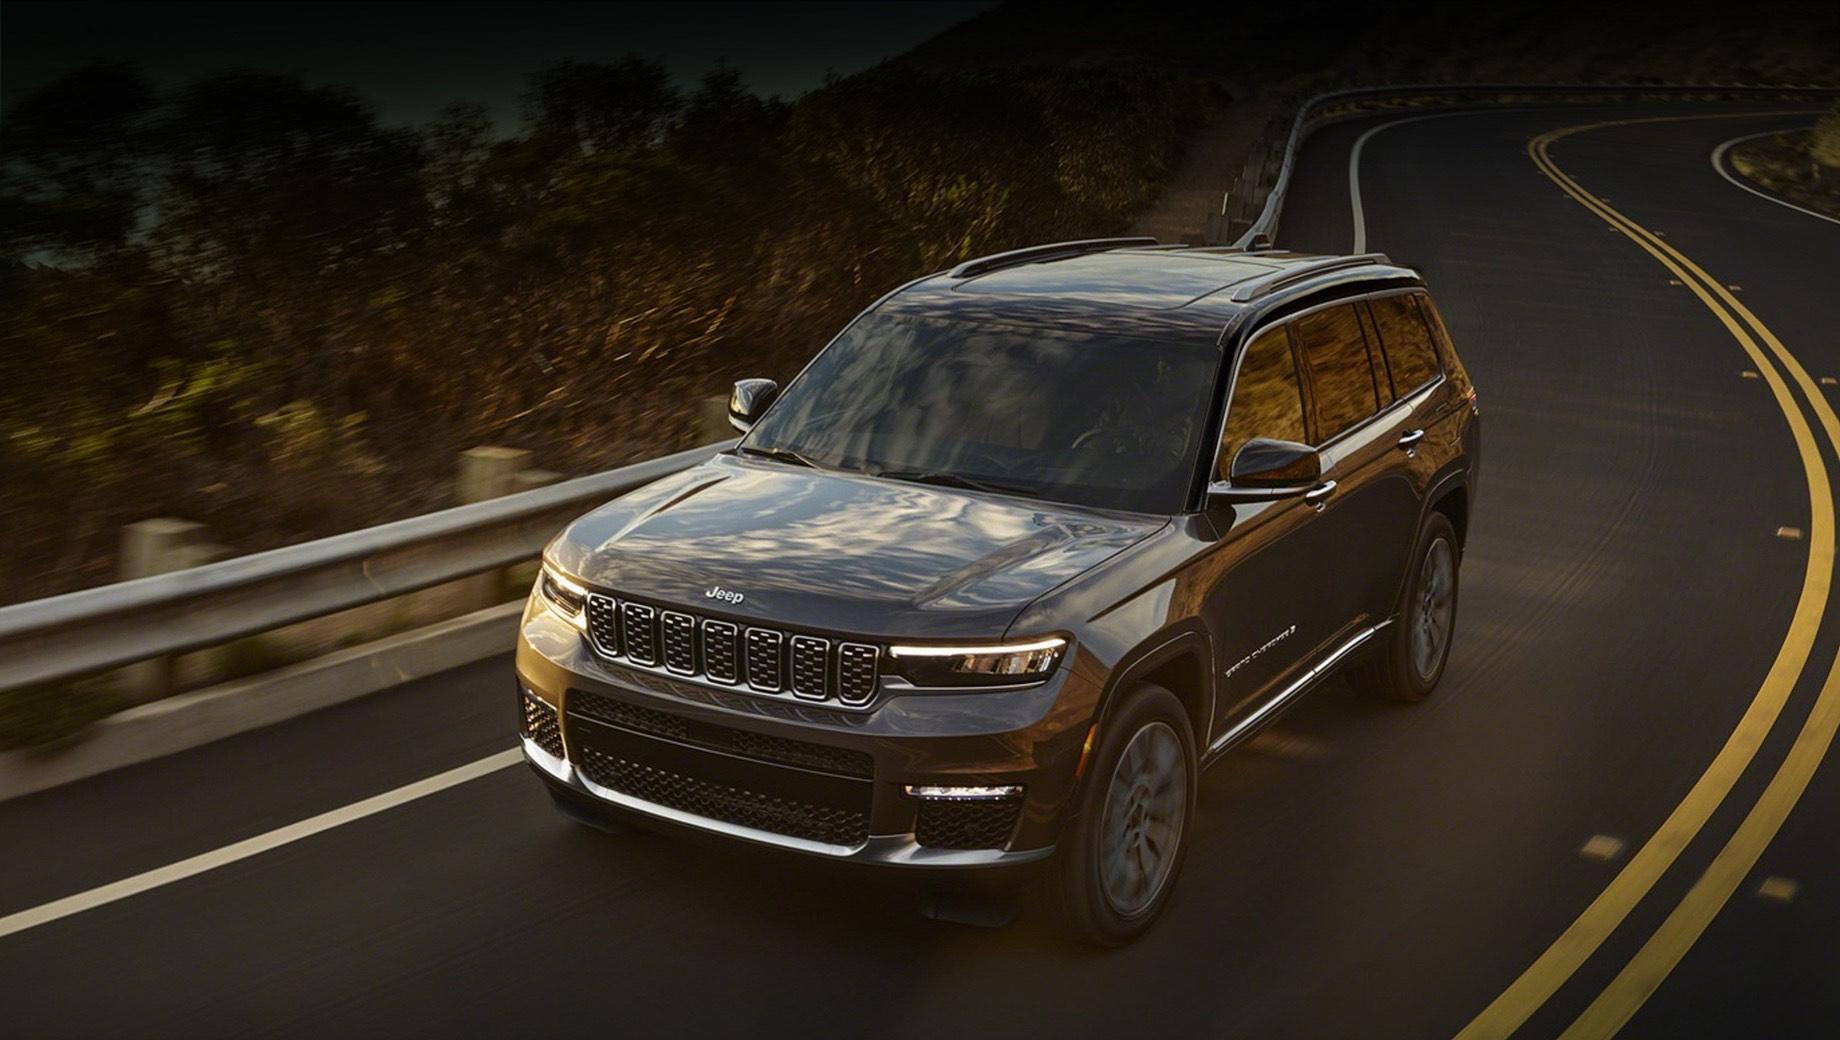 Jeep grand cherokee,Jeep grand cherokee l. Постоянные высокие результаты американских продаж «четвёртого» Grand Cherokee иначе как феноменом не назвать. Например, за три квартала прошлого года модель разошлась тиражом в 152 856 машин, уступив лишь Эксплореру с его 160 209 единицами.